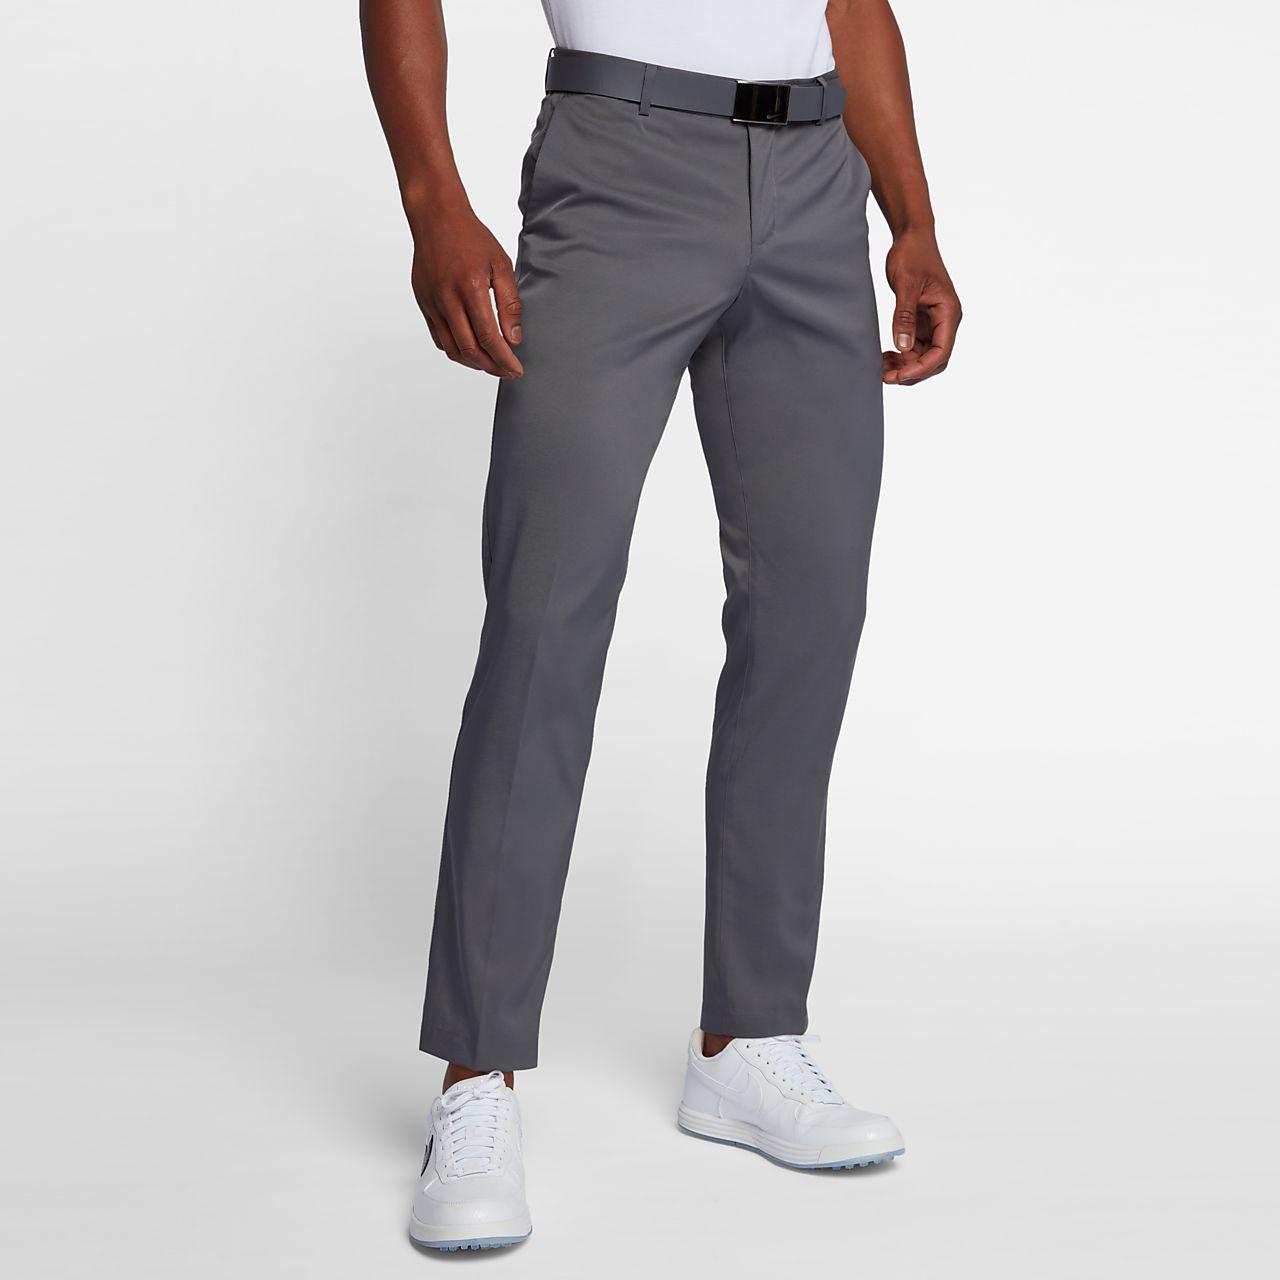 pantalon de golf nike flex pour homme be. Black Bedroom Furniture Sets. Home Design Ideas